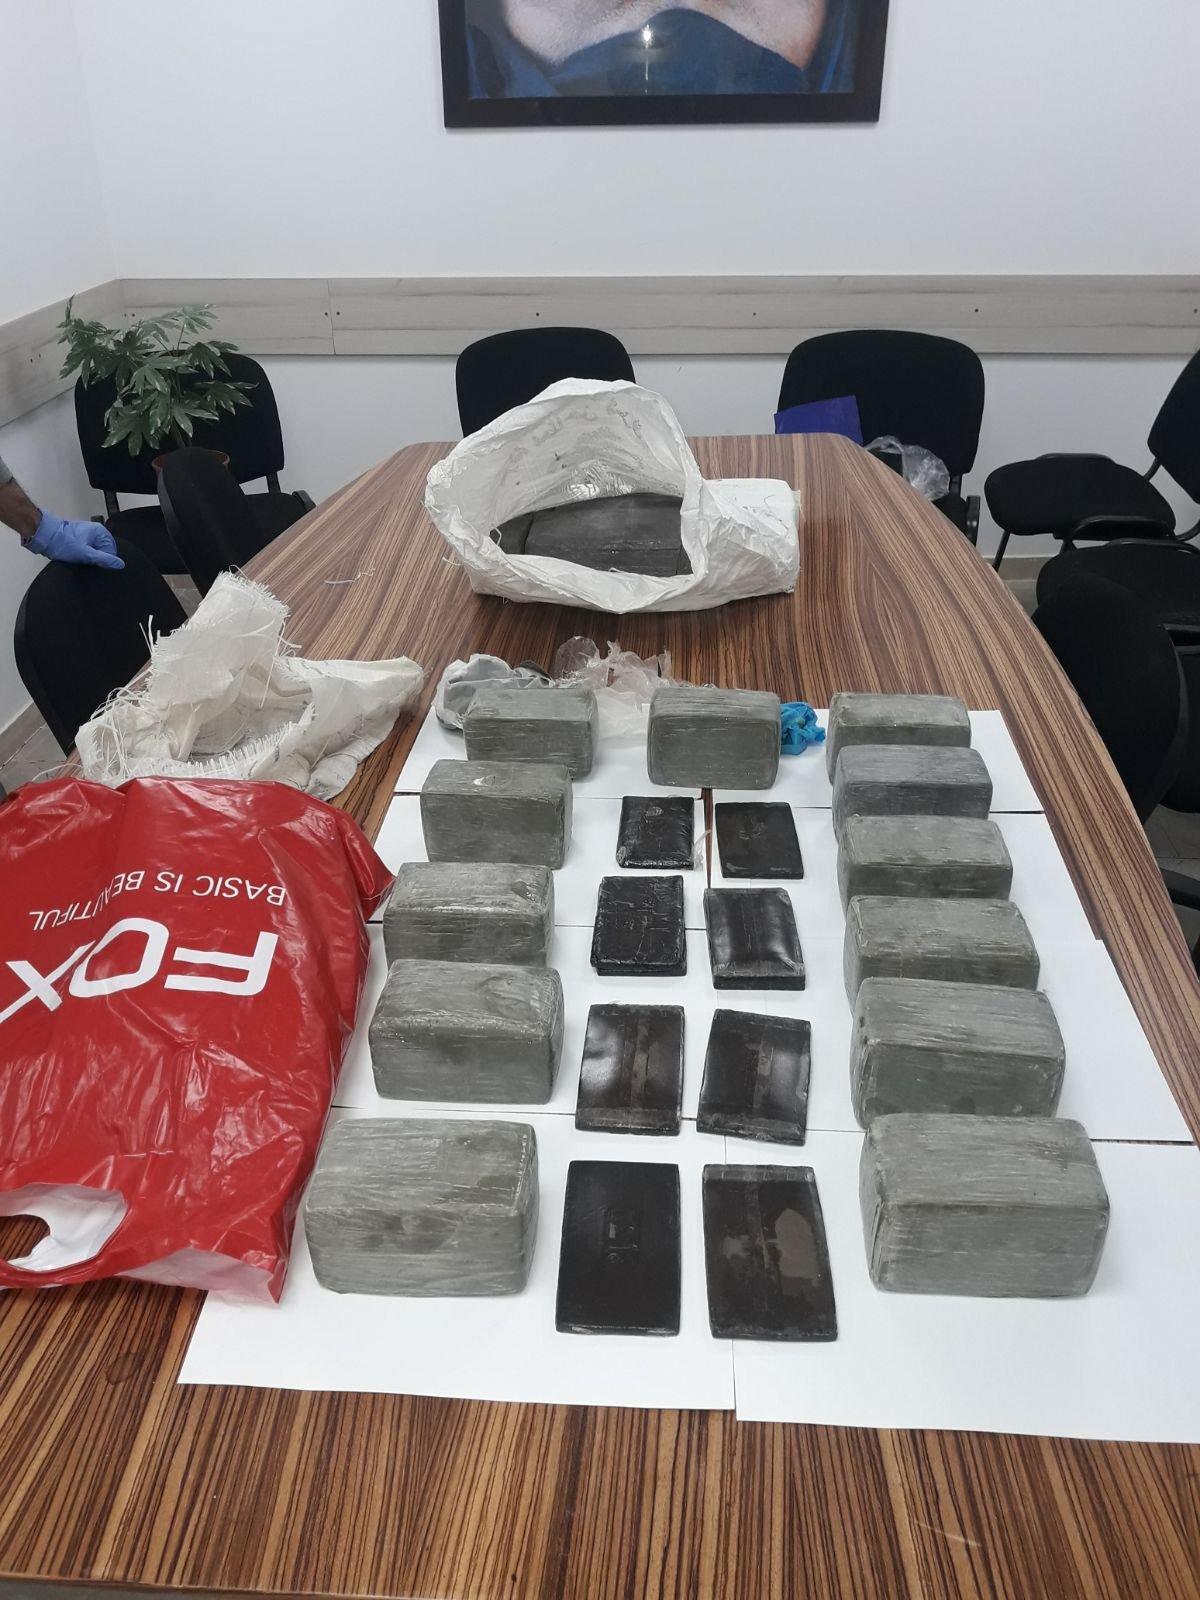 ضبط صفقة مخدرات في عيلوط .. 26 كيلو حشيش و150 ألف شيكل واعتقال مشتبهين ومصادرة سيارتيهما